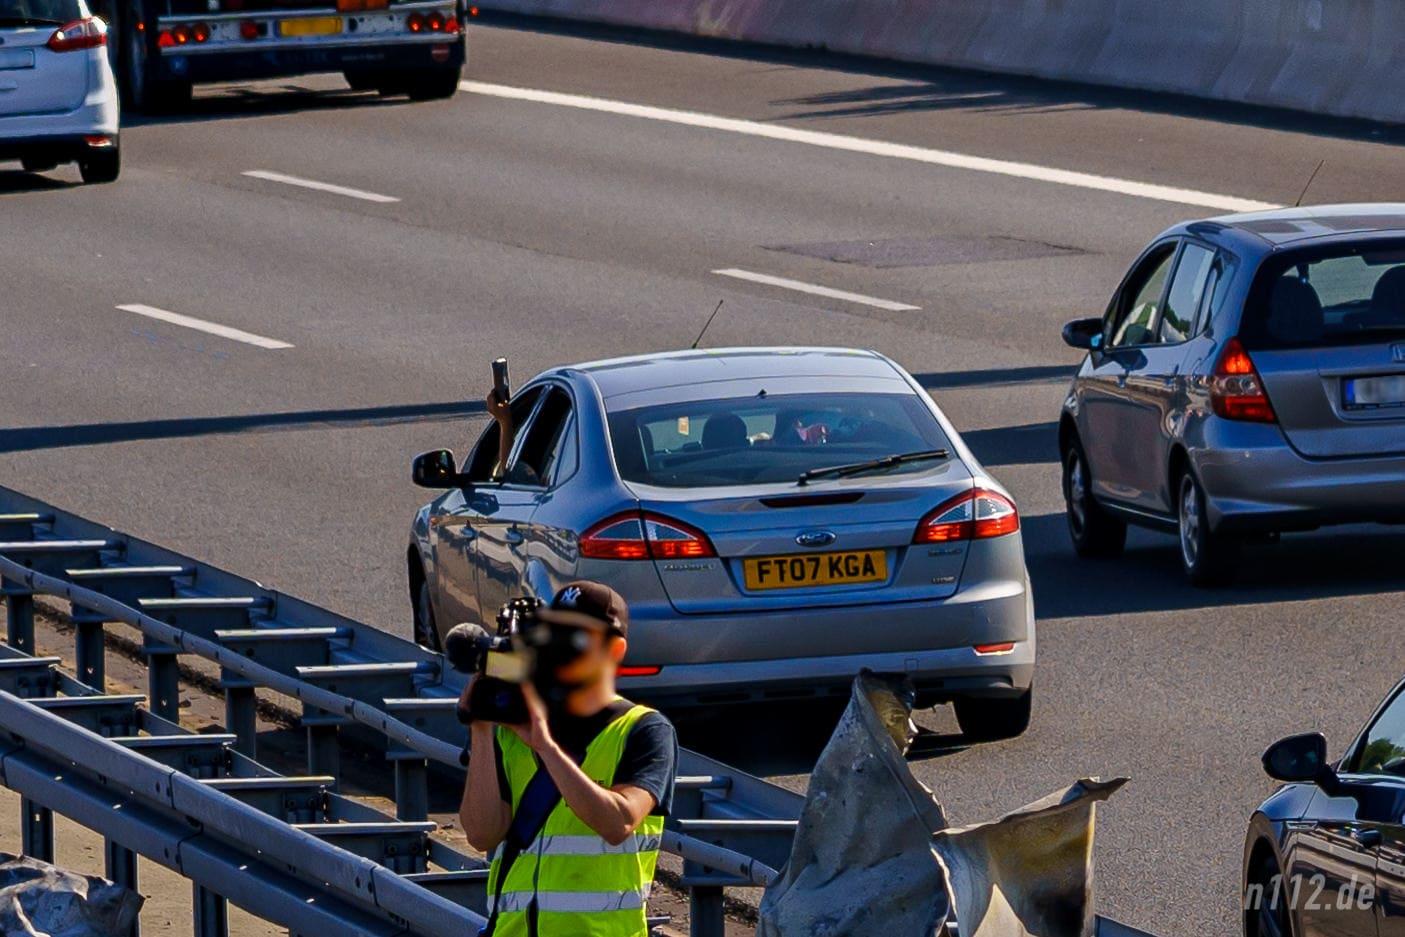 Besonders dreist, aber keine Seltenheit: Den Verkehr ausbremsen und aus dem offenen Fenster filmen (Foto: n112.de/Stefan Hillen)